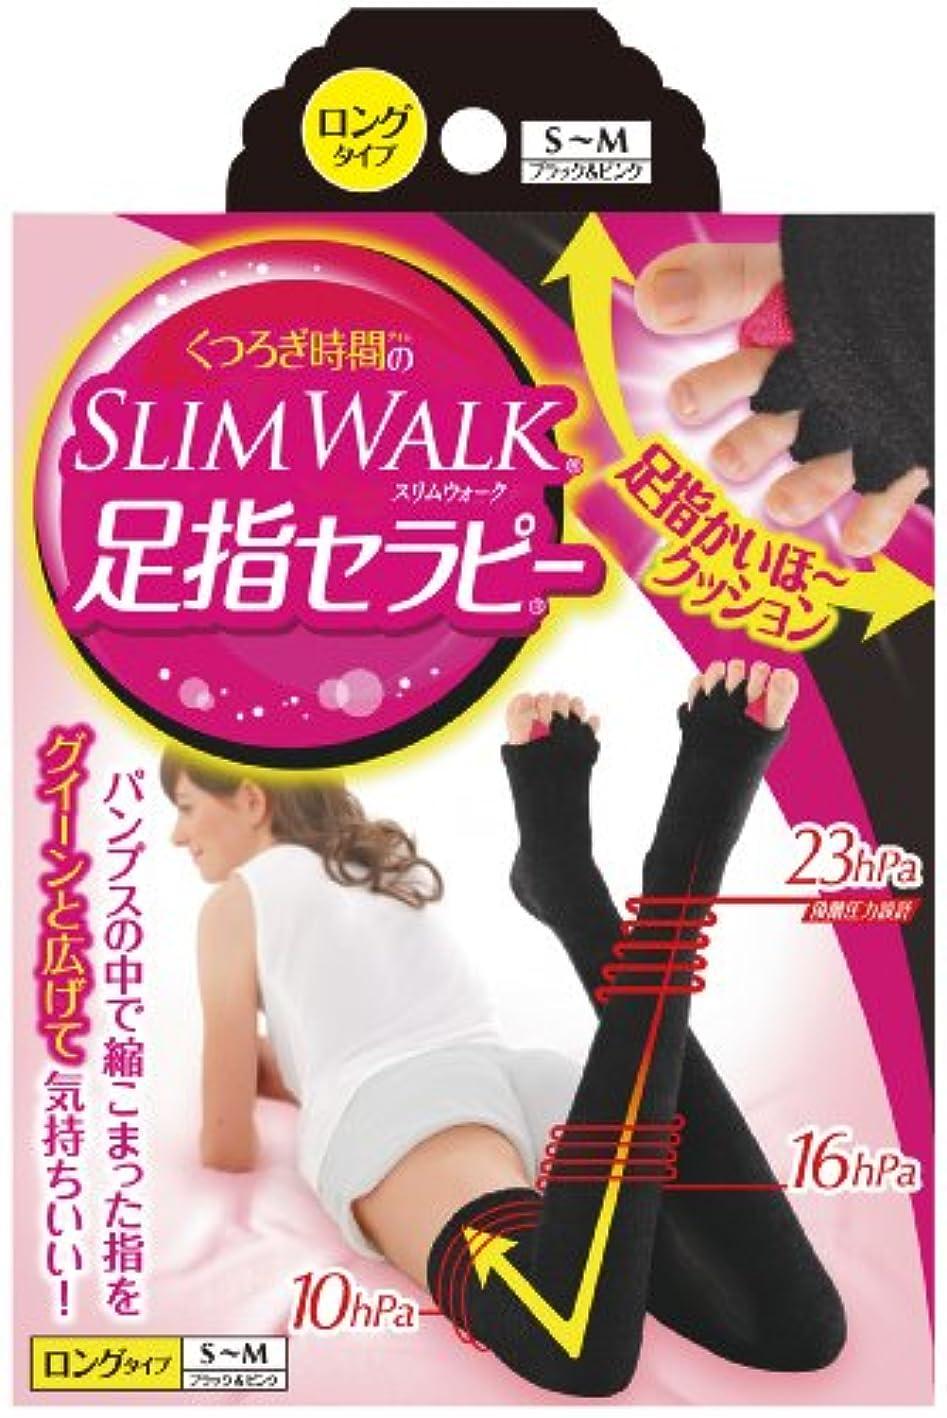 案件間接的証明するスリムウォーク 足指セラピー (冬用) ロングタイプ S-Mサイズ ブラック&ピンク(SLIMWALK,split open-toe socks,SM)